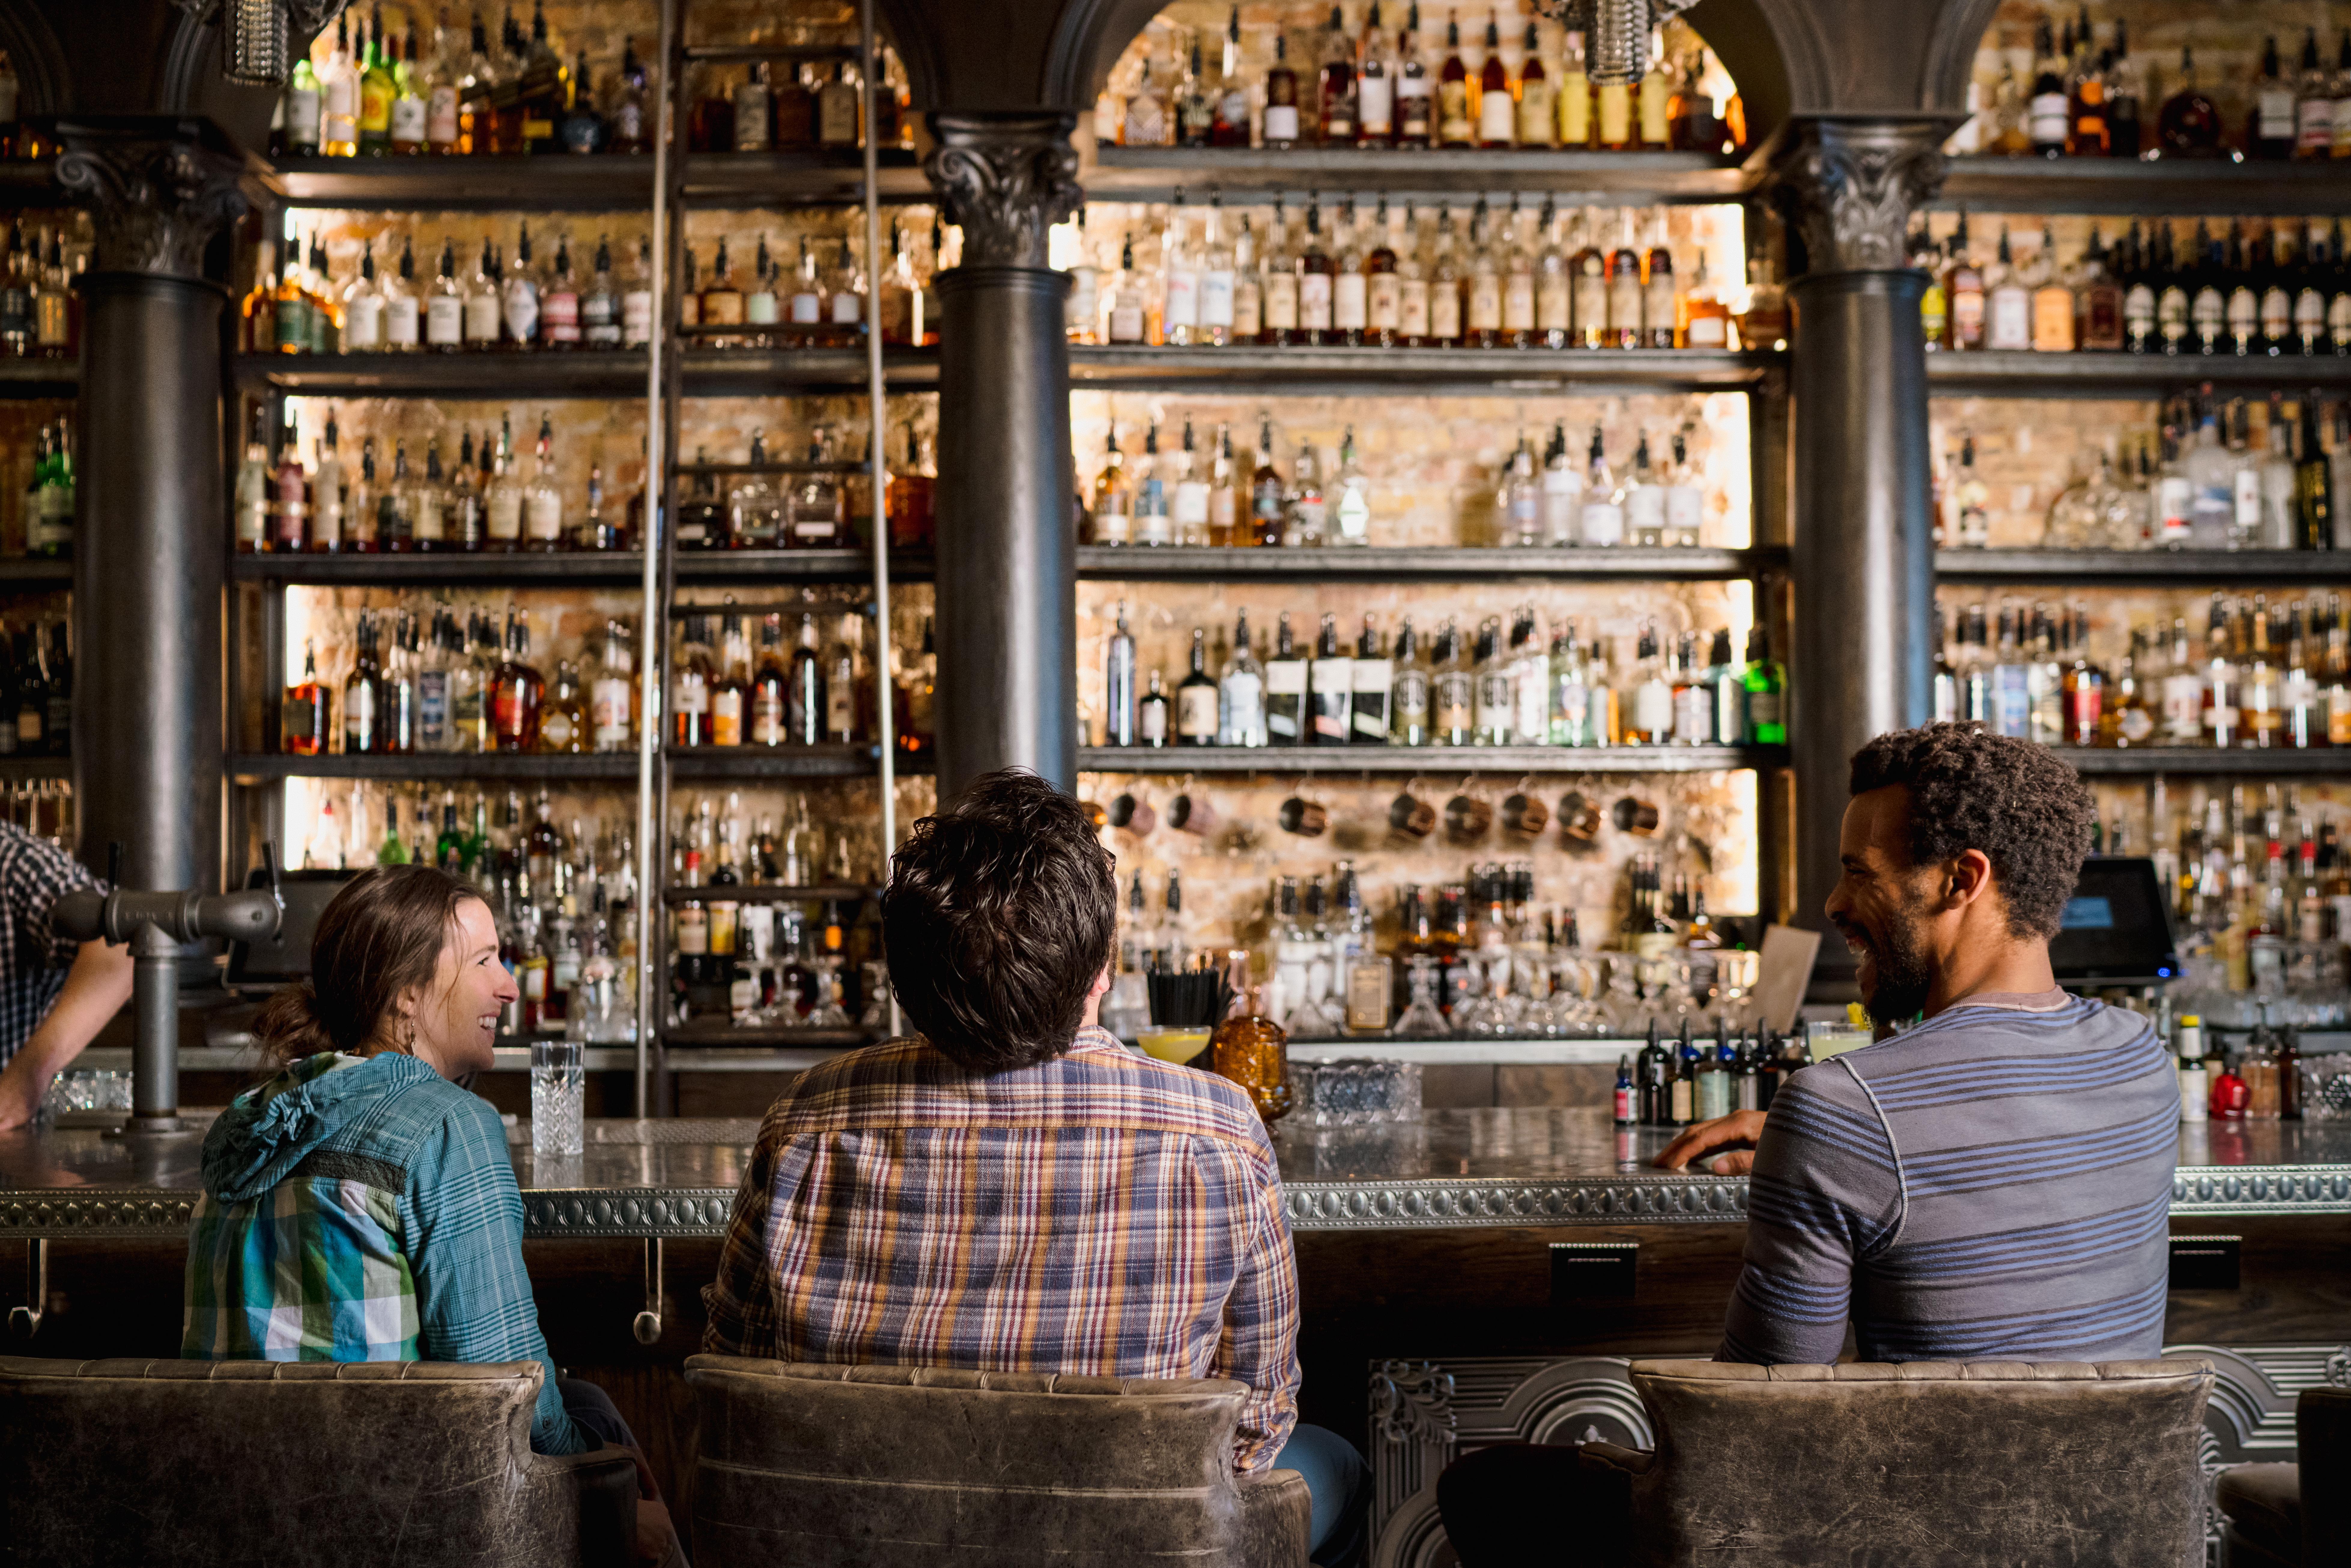 Utah Liquor Laws | Drinking in Utah